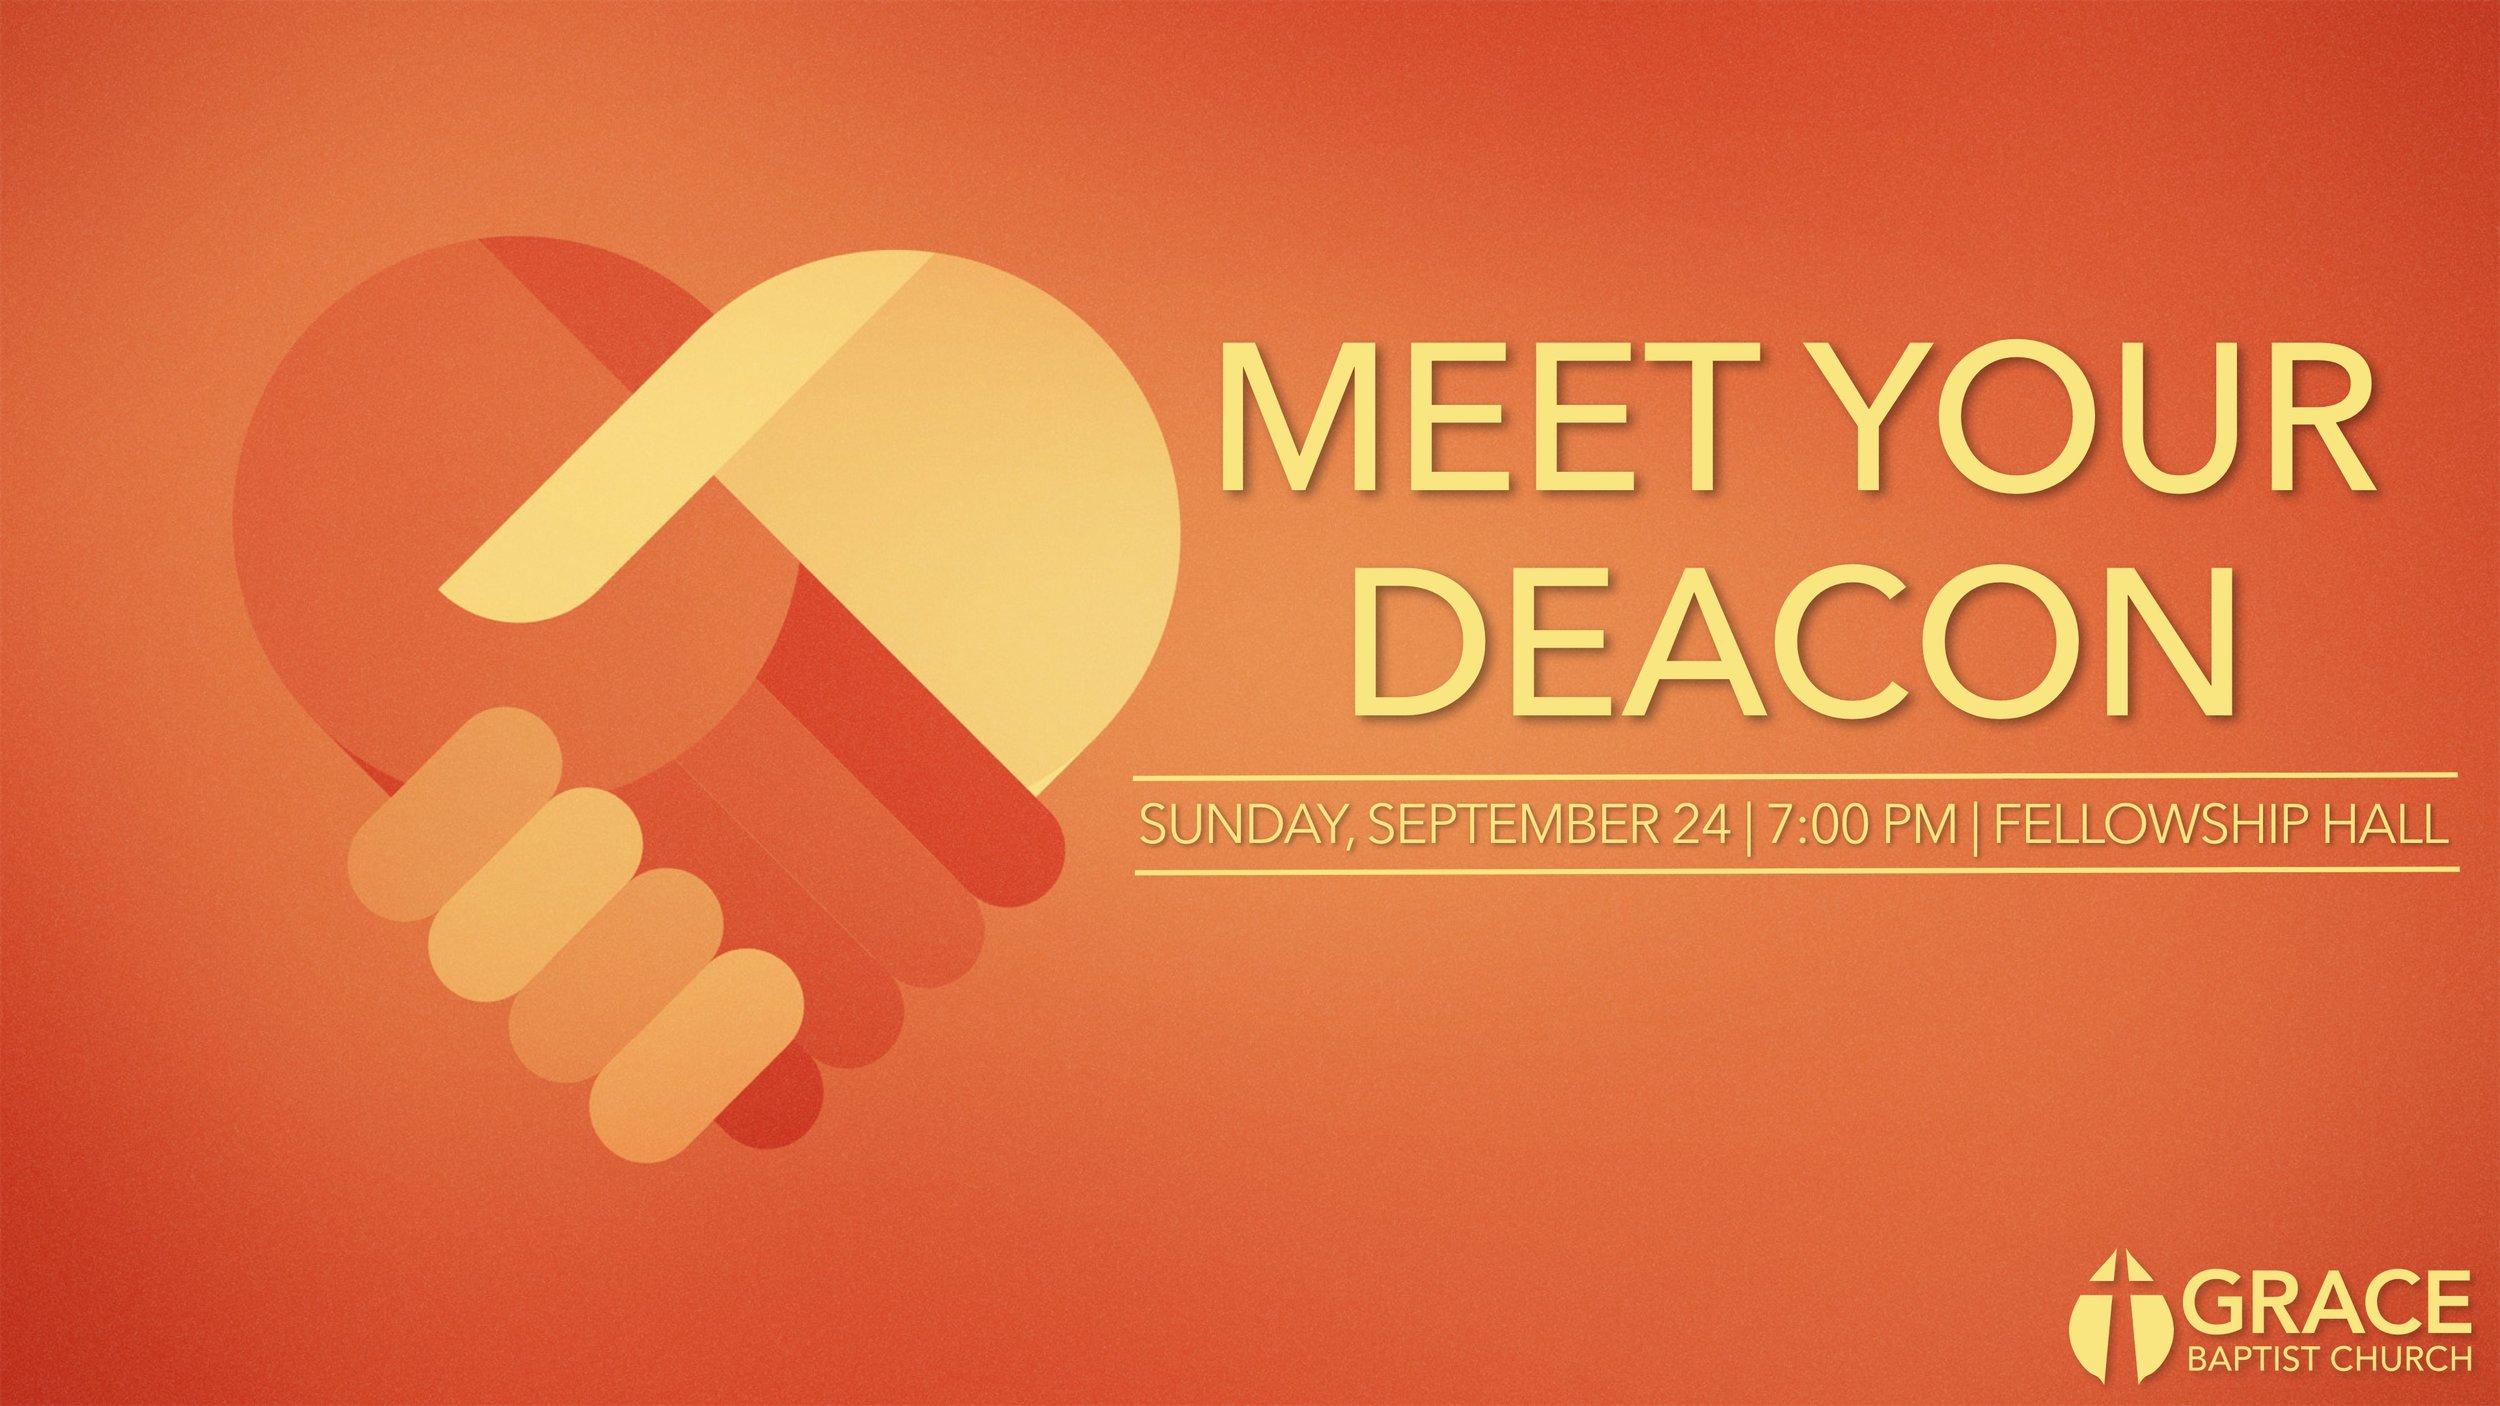 Meet-your-deacon-fellowship.jpg